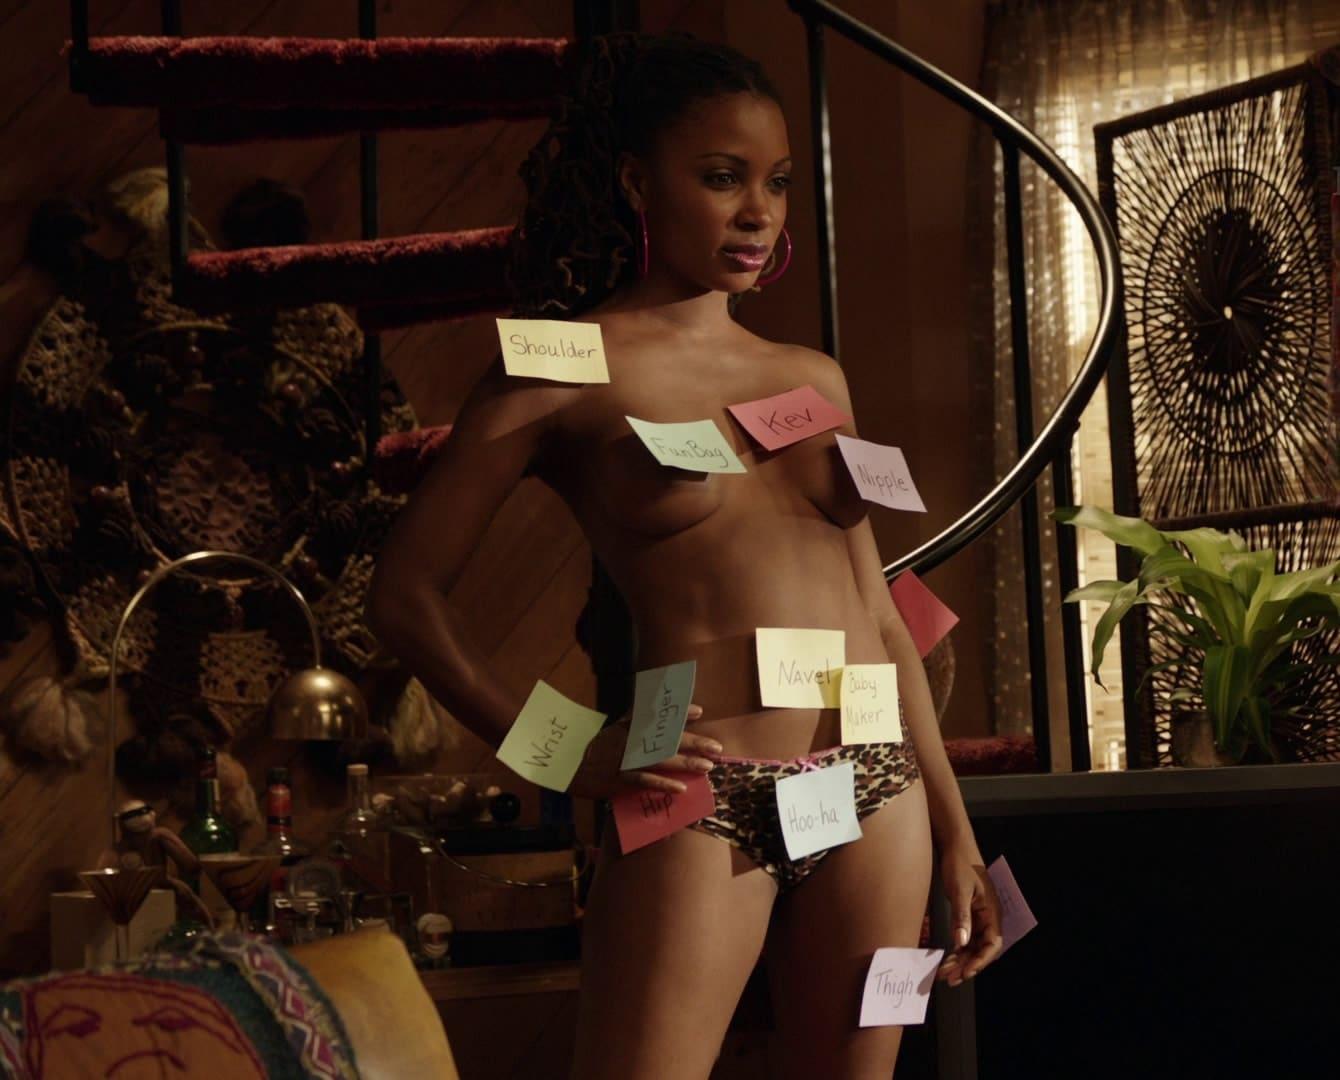 Milf nude picture of girls next door